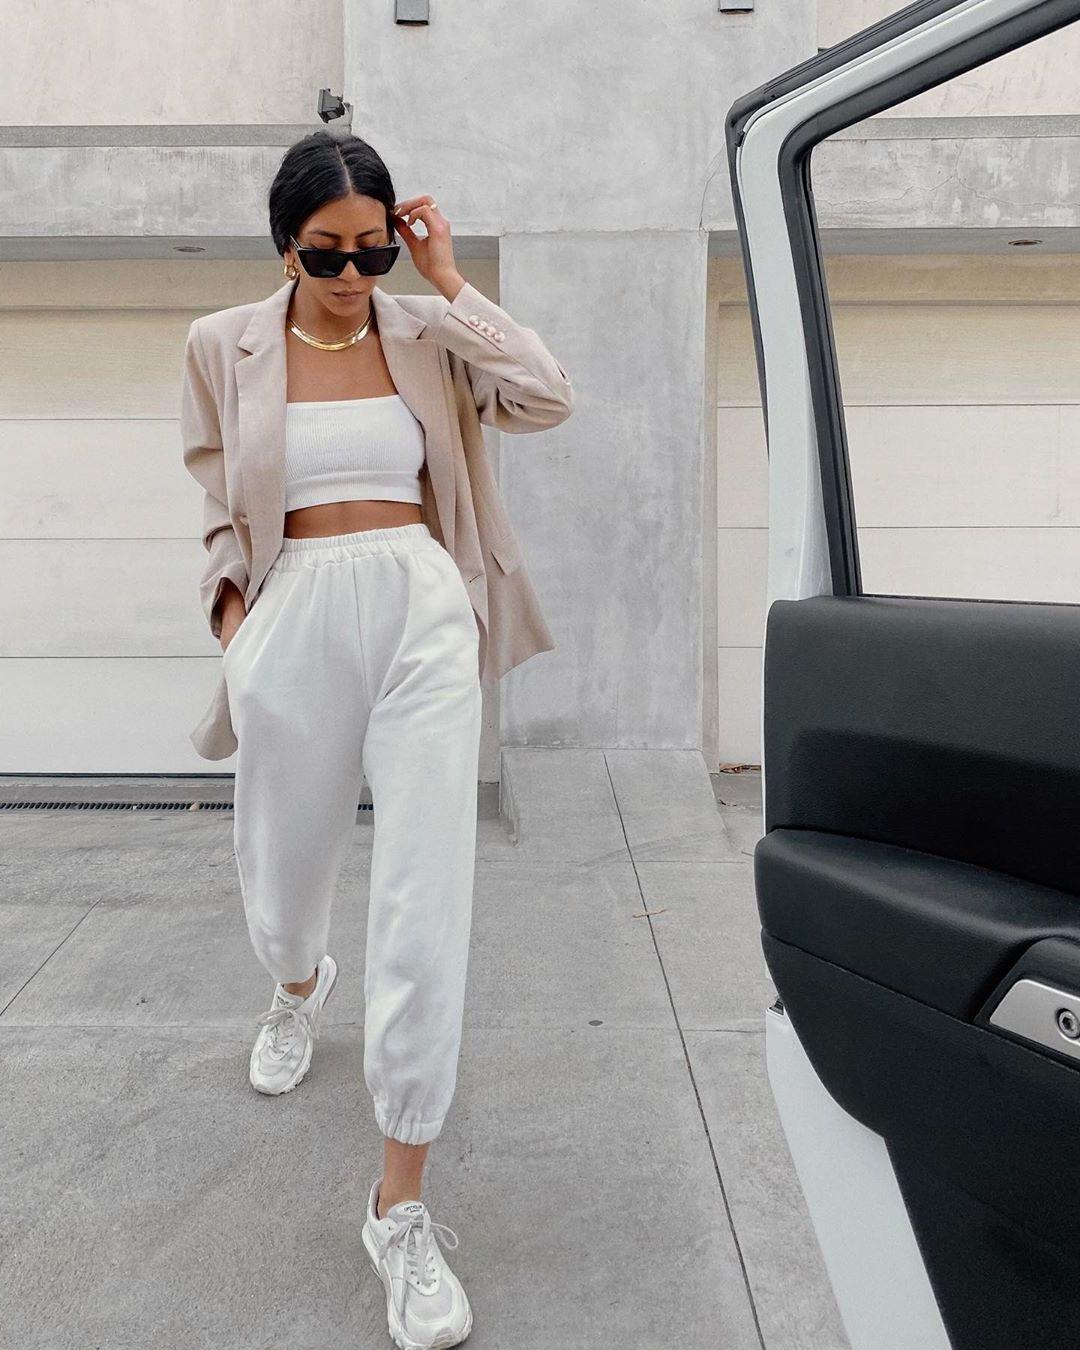 Blazer Outfit für den Alltag - Blazer kombinieren mit Sneakers